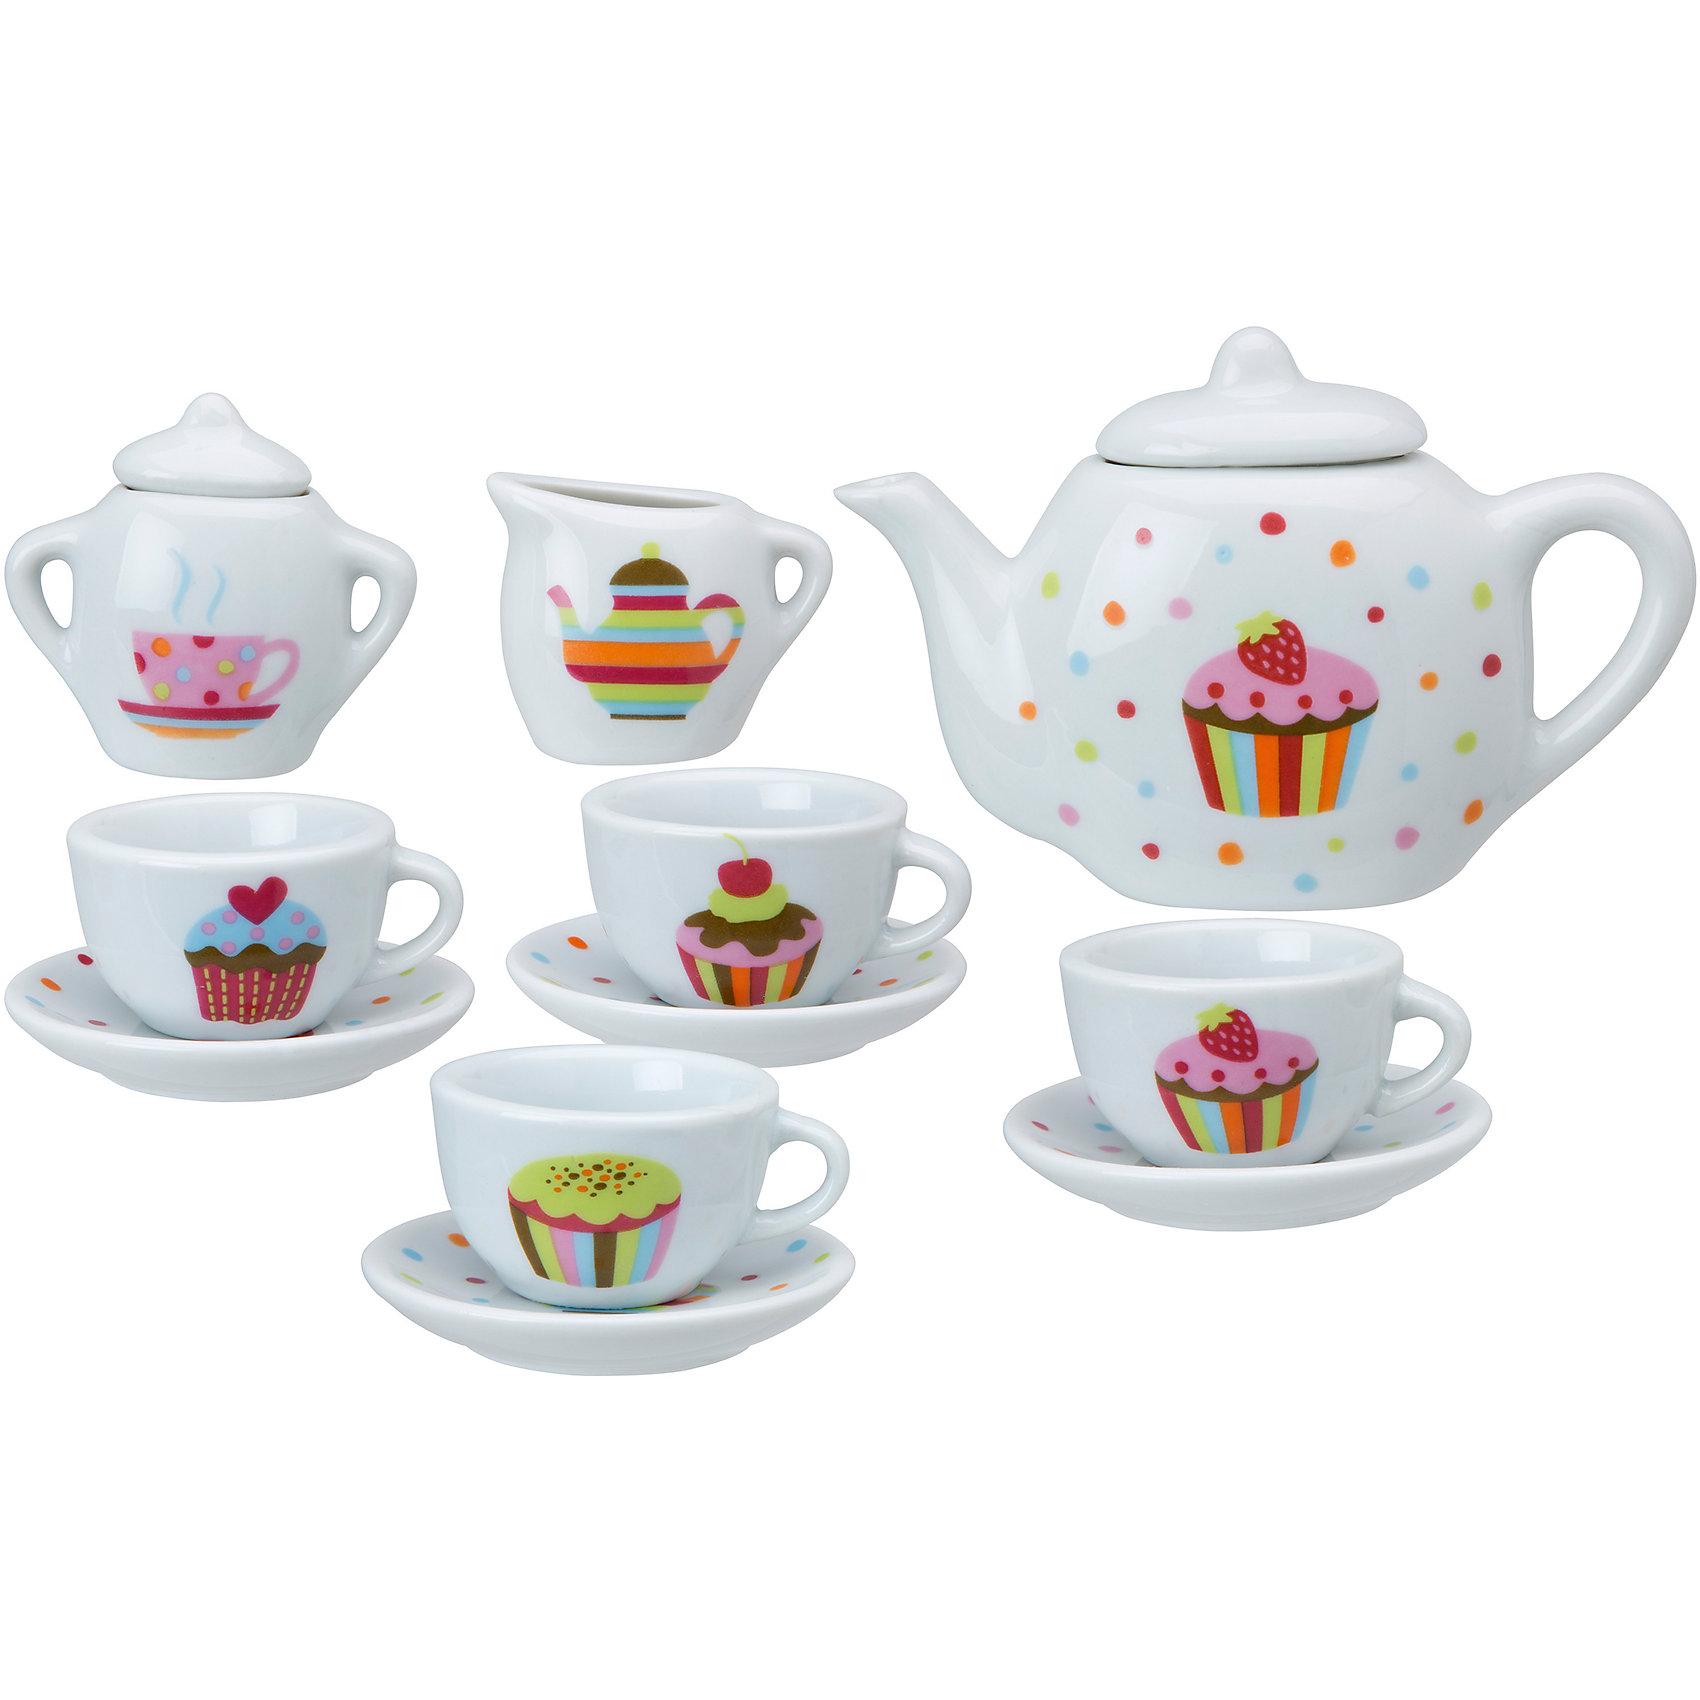 ALEX Чайный сервиз Тортик, 13 предметов, ALEX геннадий норд тортик с сюрпризом или заметки из барсетки 7